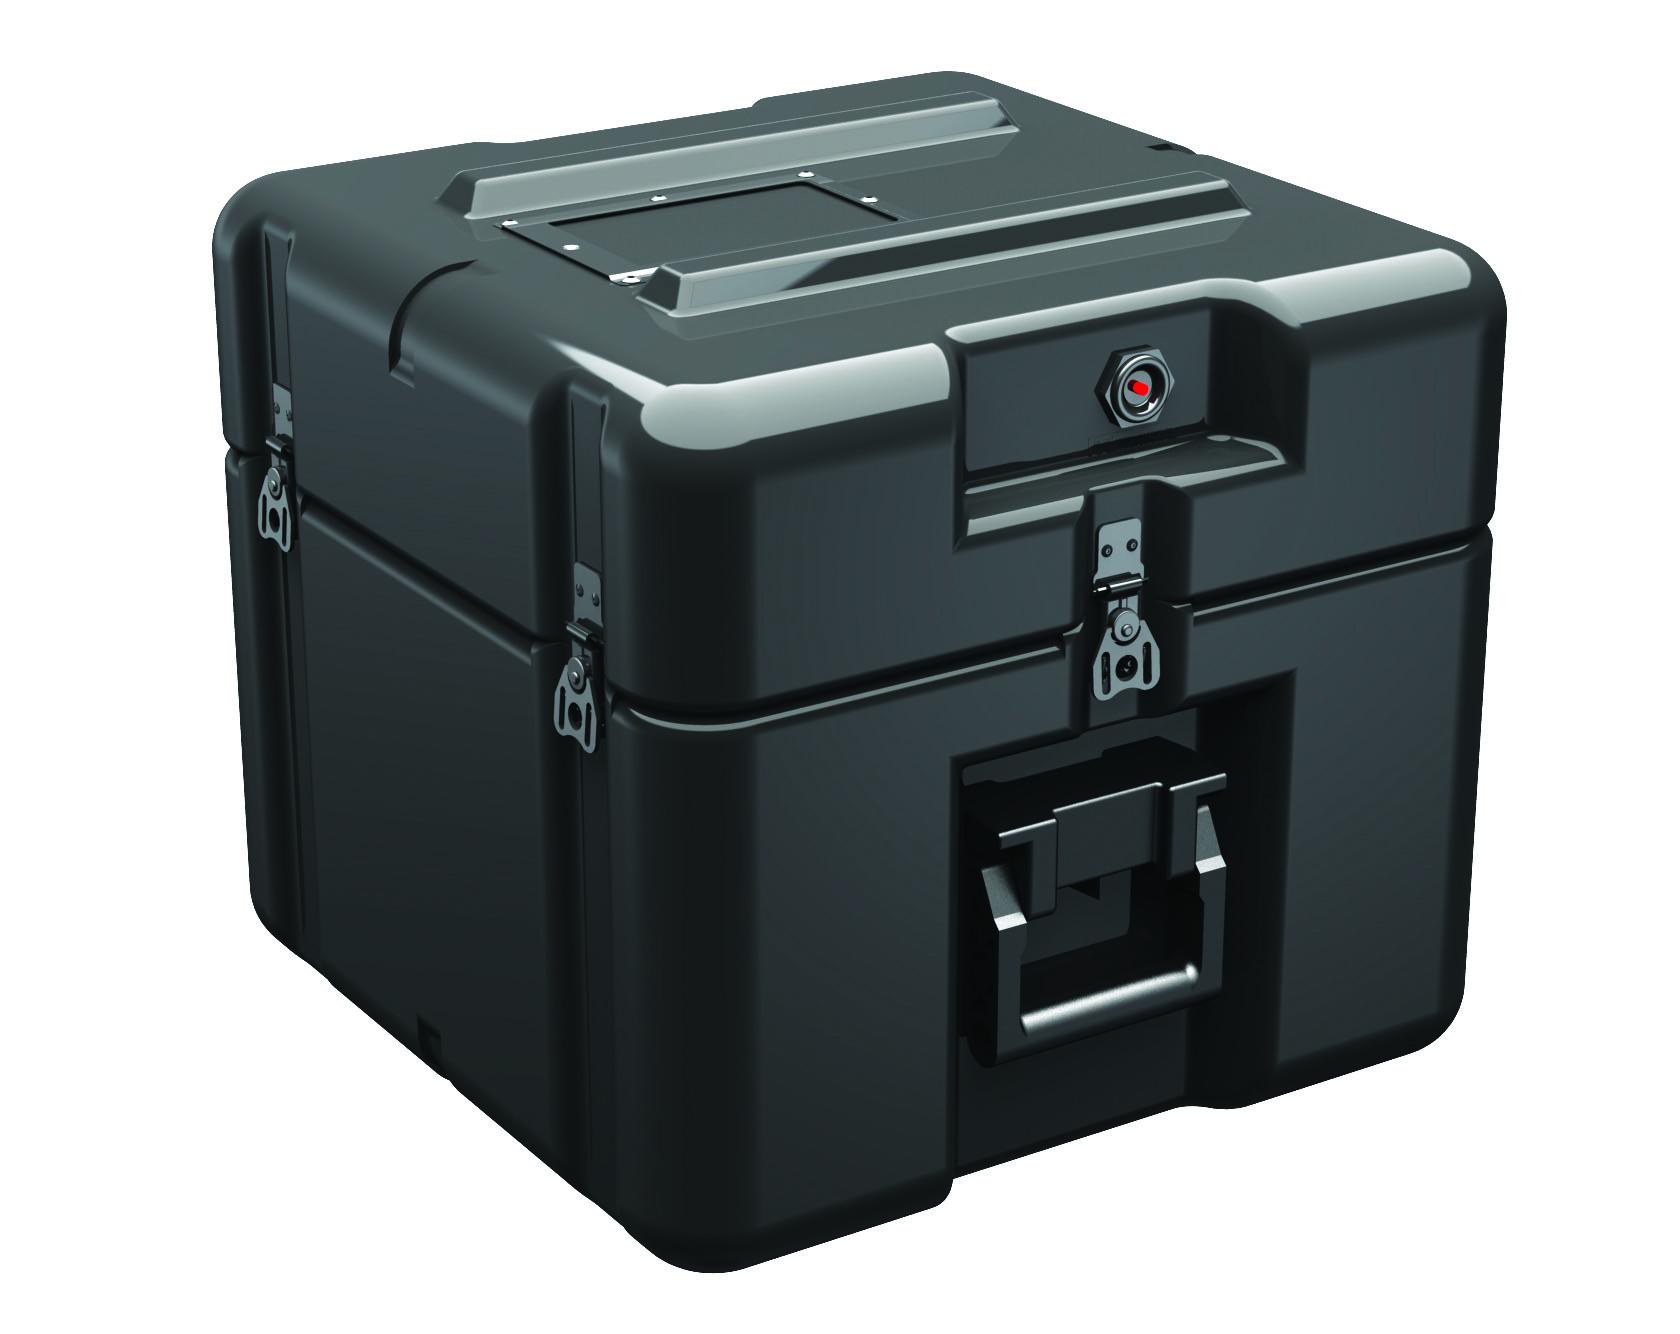 AL1616-1005 - AL1616-1005 Pelican Hinged Lid Cube Case Transport